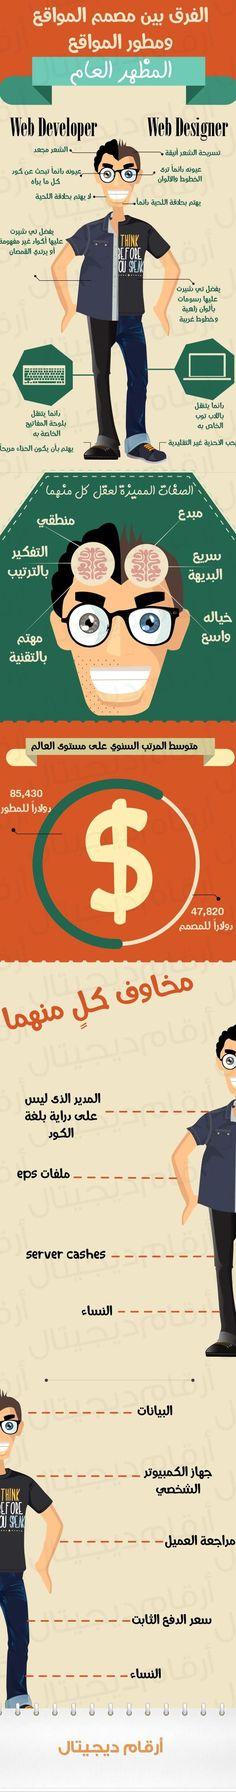 انفوجرافيك عربي - الفرق بين مصمم المواقع ومطور المواقع